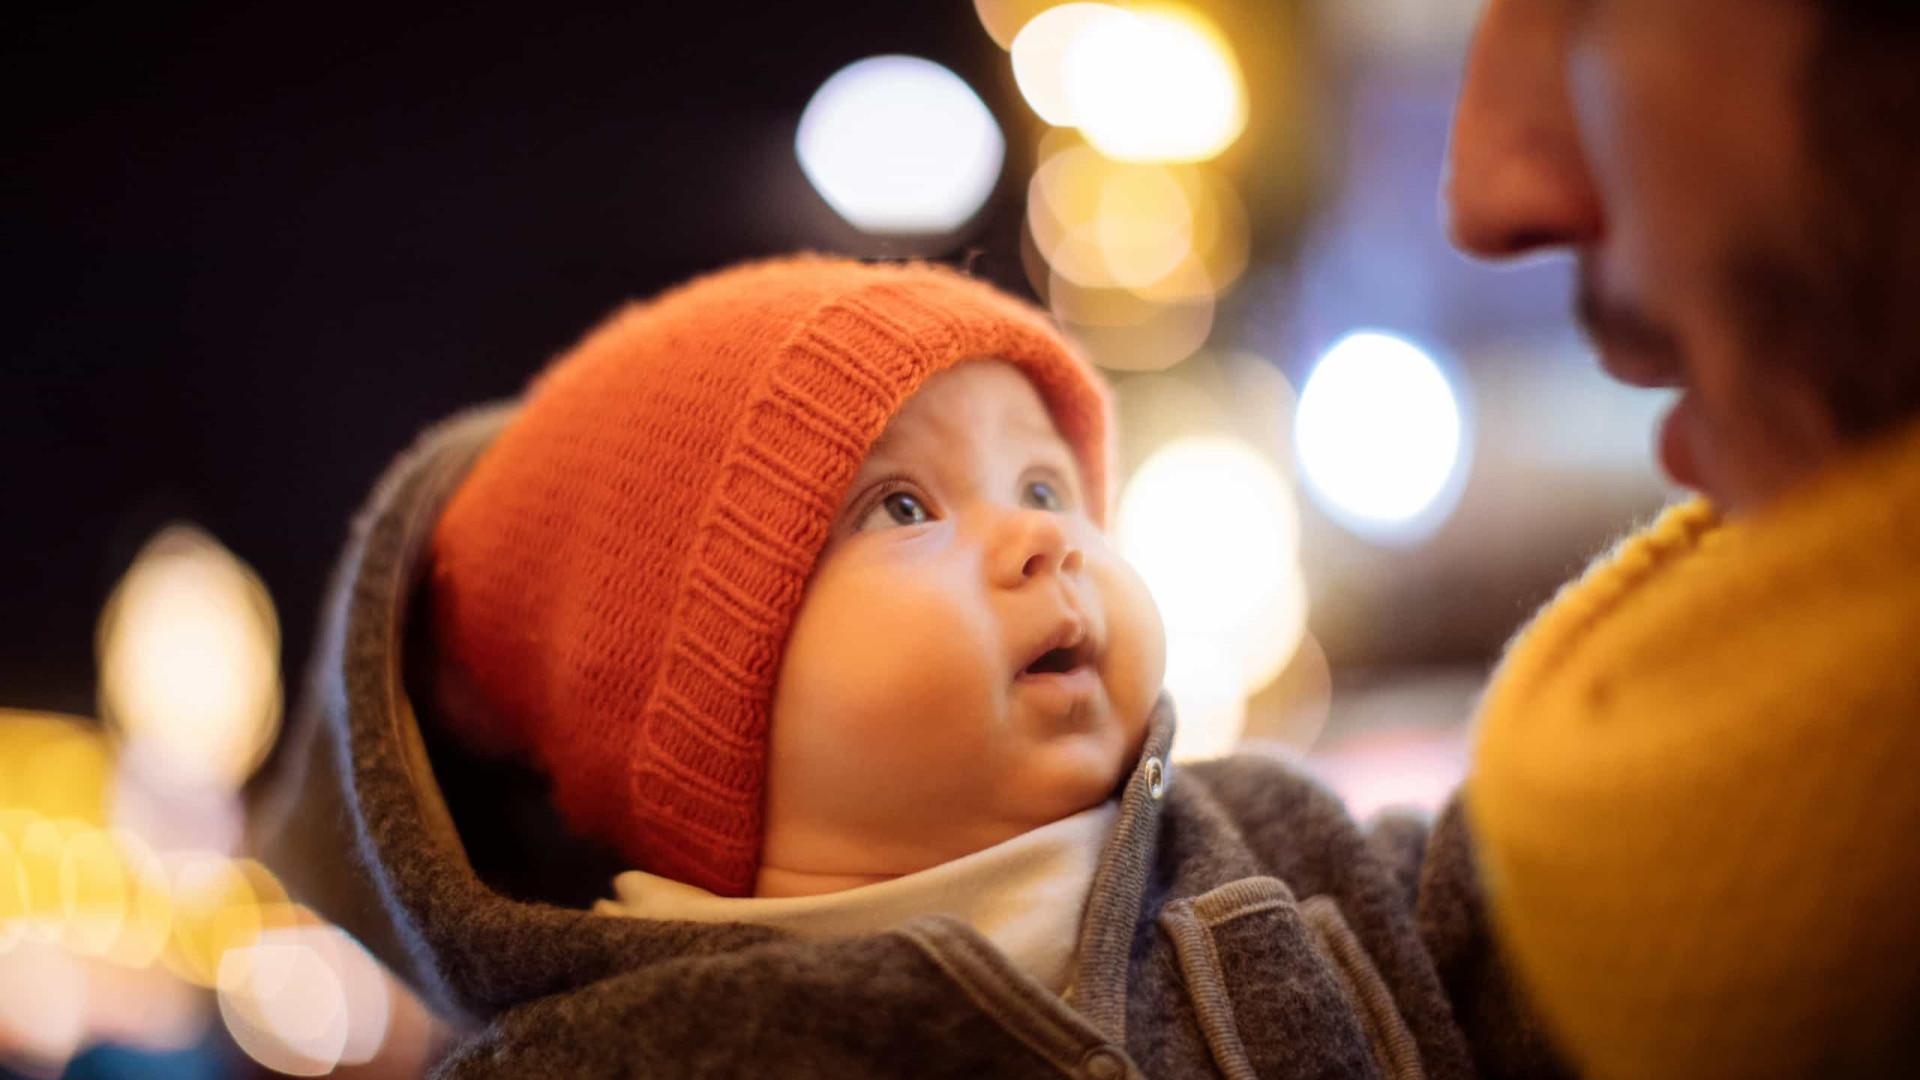 Bebês expostos à poluição podem sofrer lesões cerebrais